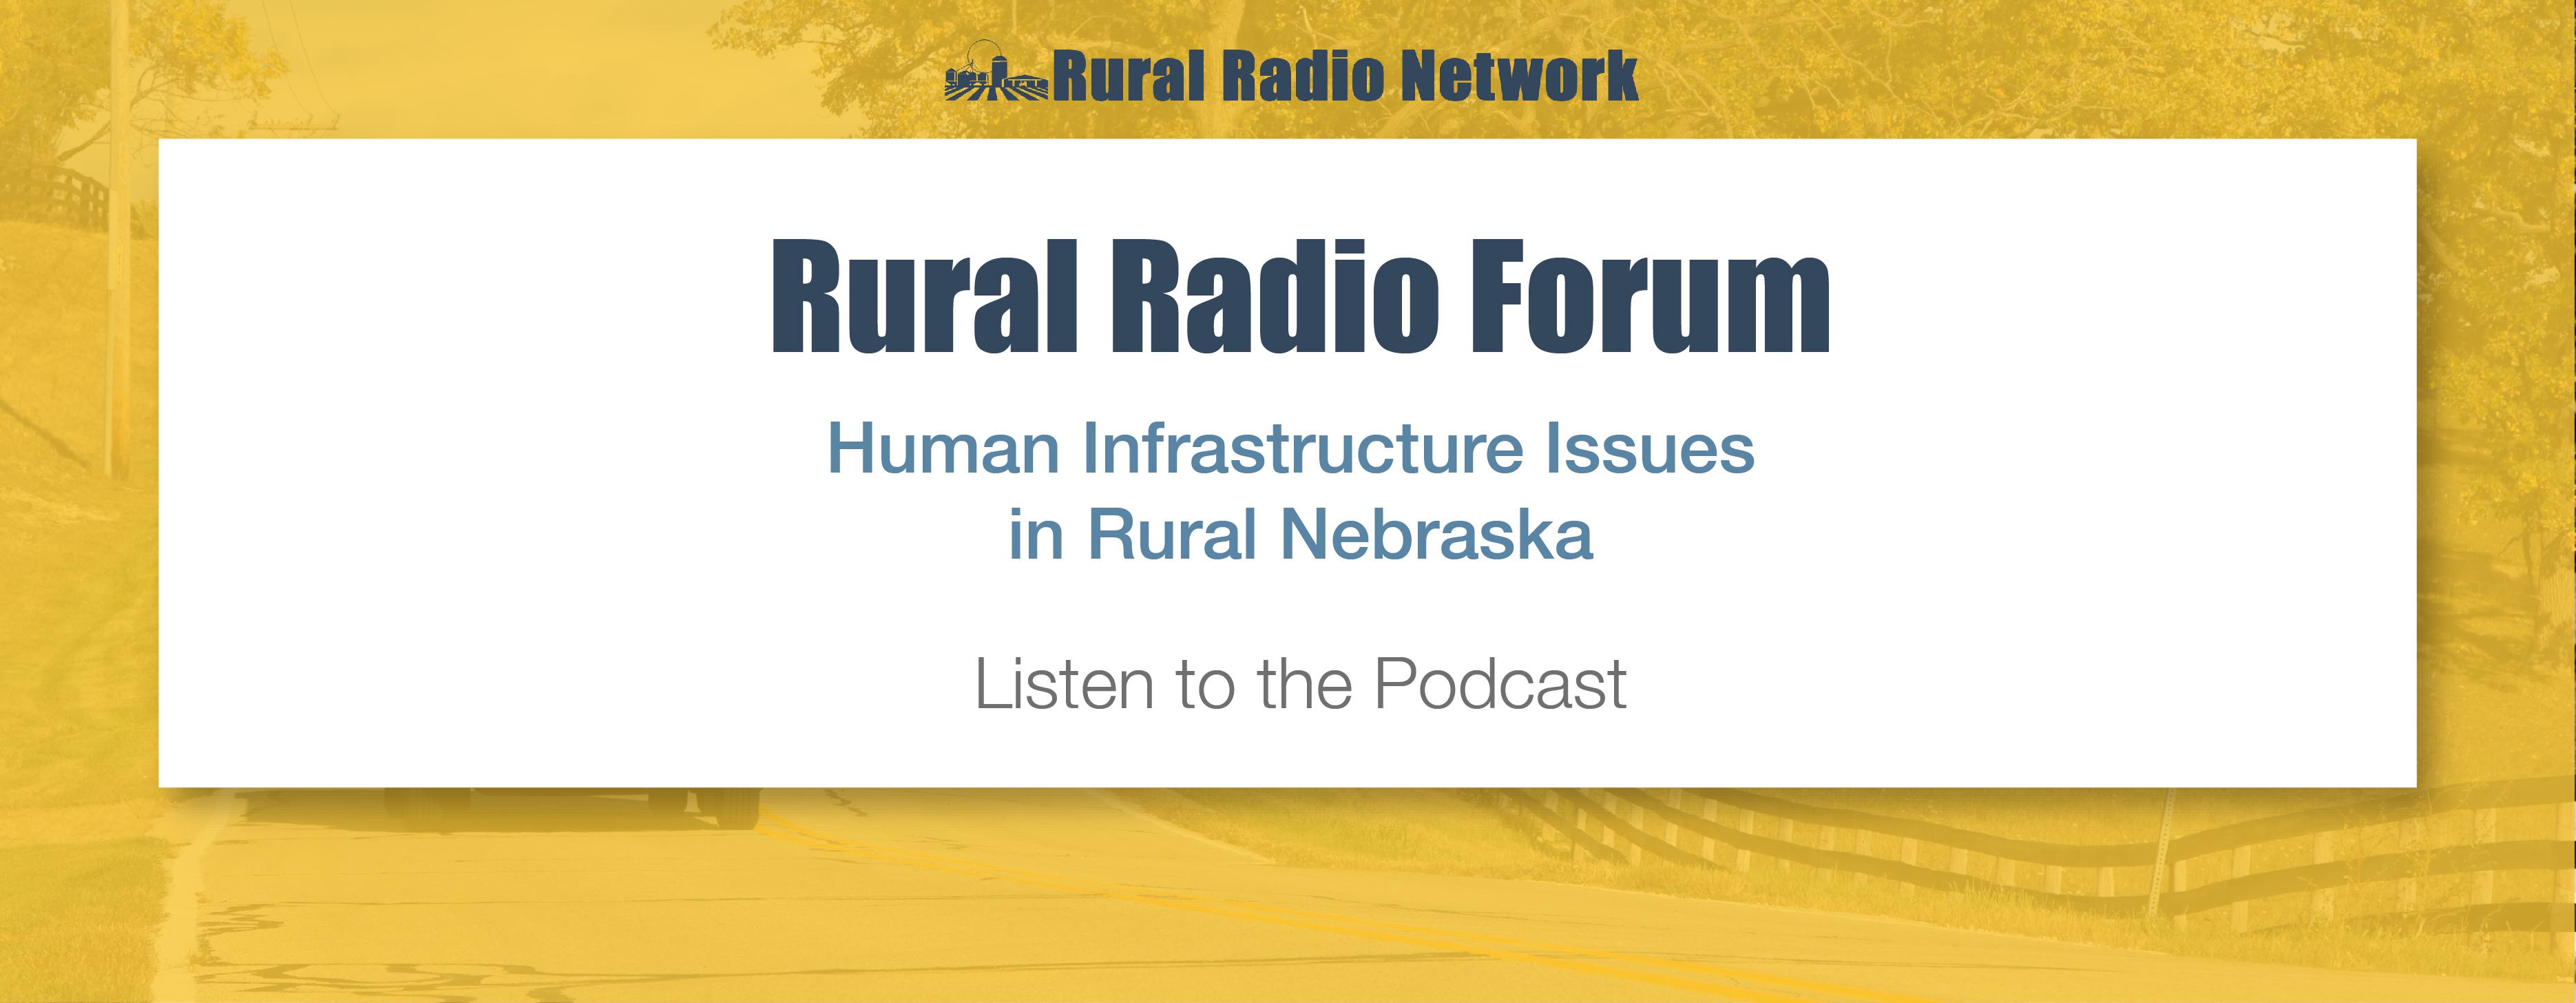 Rural Radio Forum